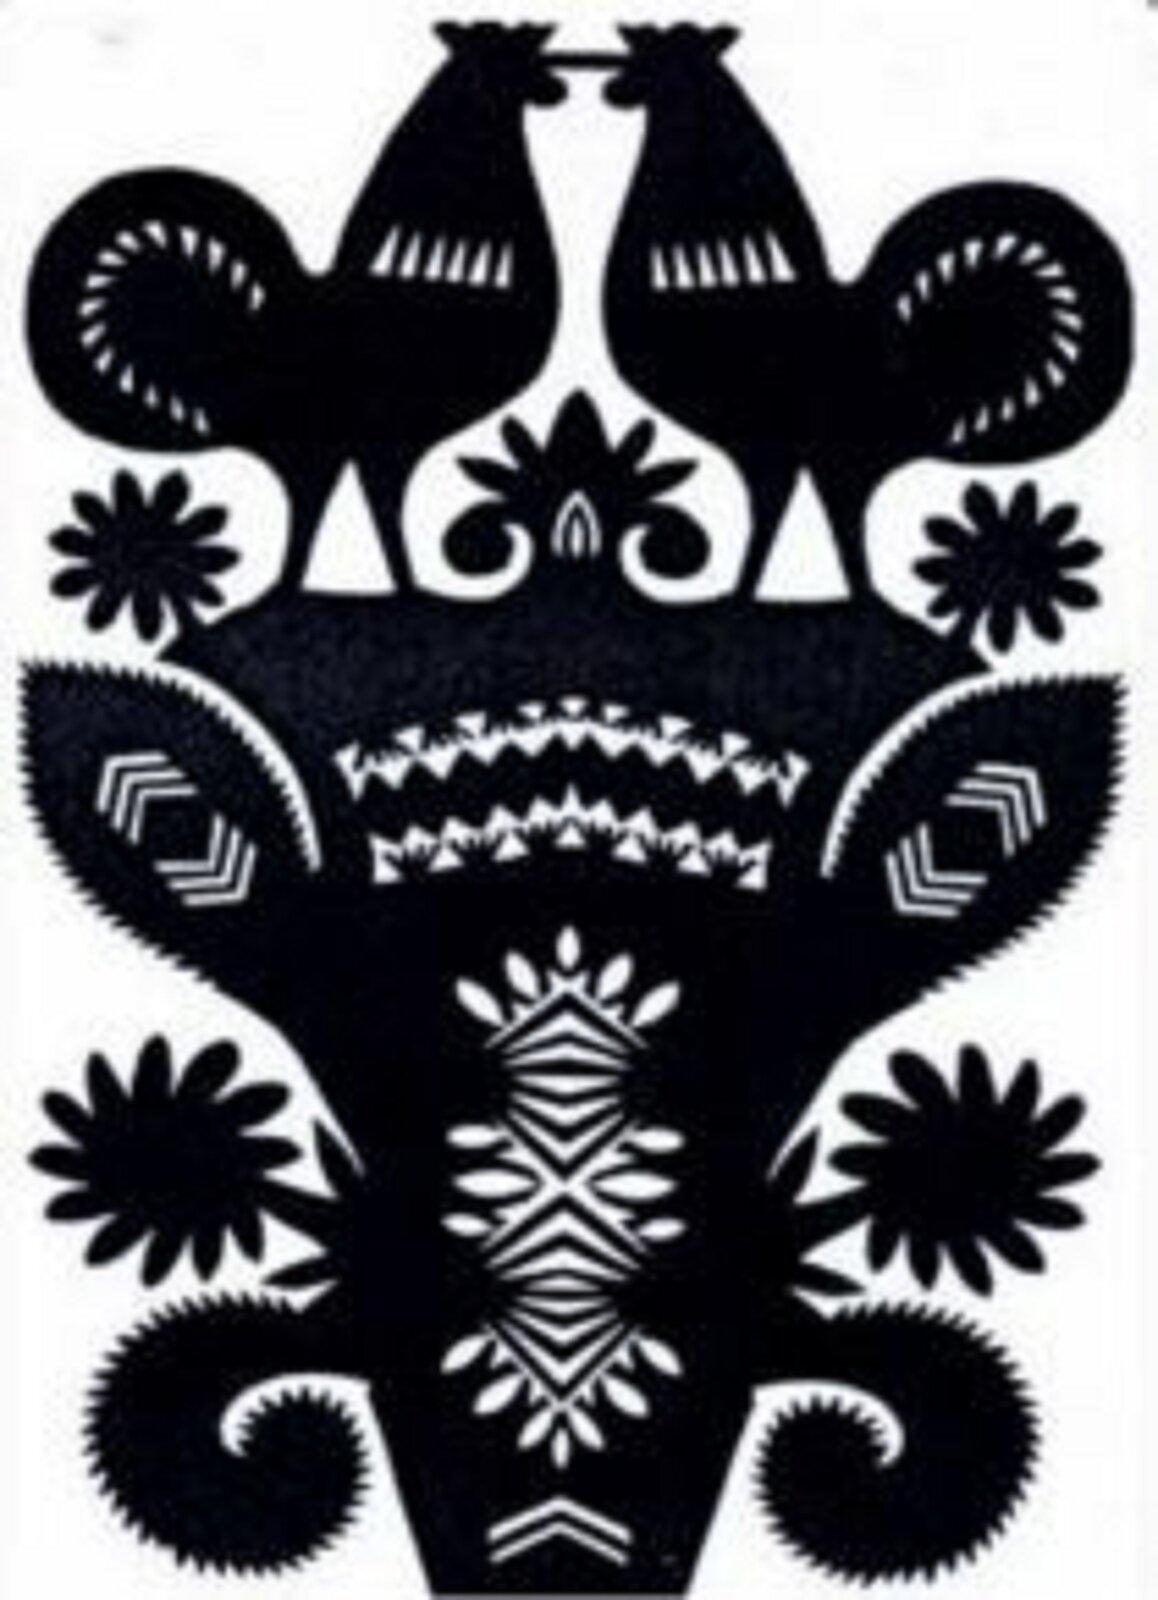 Ilustracja przedstawia rawską rózgę. Jest to czarny, symetryczny wzór wycinaki. Widać na niej motywy roślinne, gałązki zkwiatami, augóry nad nimi są dwa koguty stykające się dziobami.